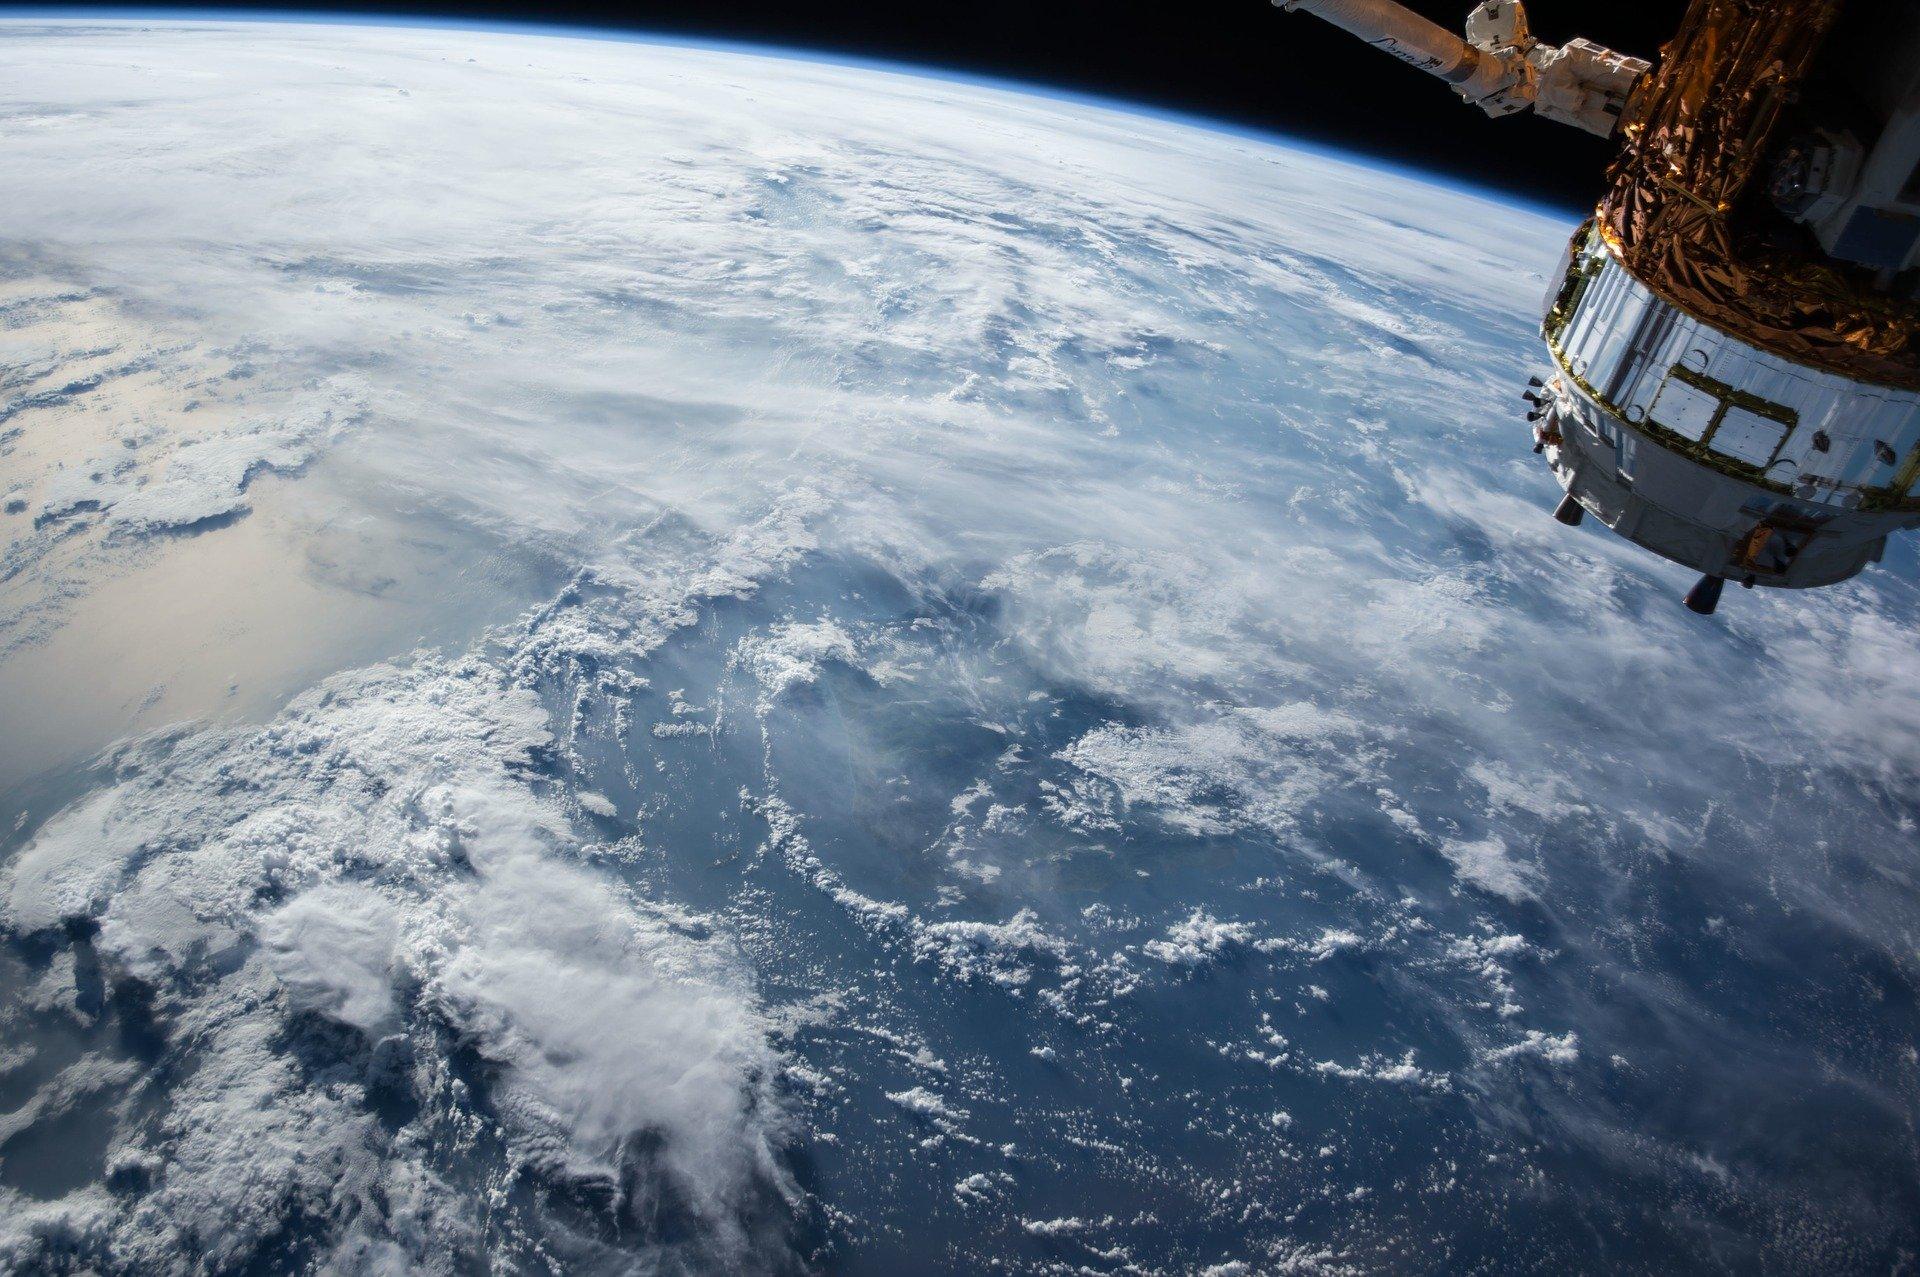 МегаФон инвестирует 6 млрд руб. в разработку системы спутниковой передачи данных 1